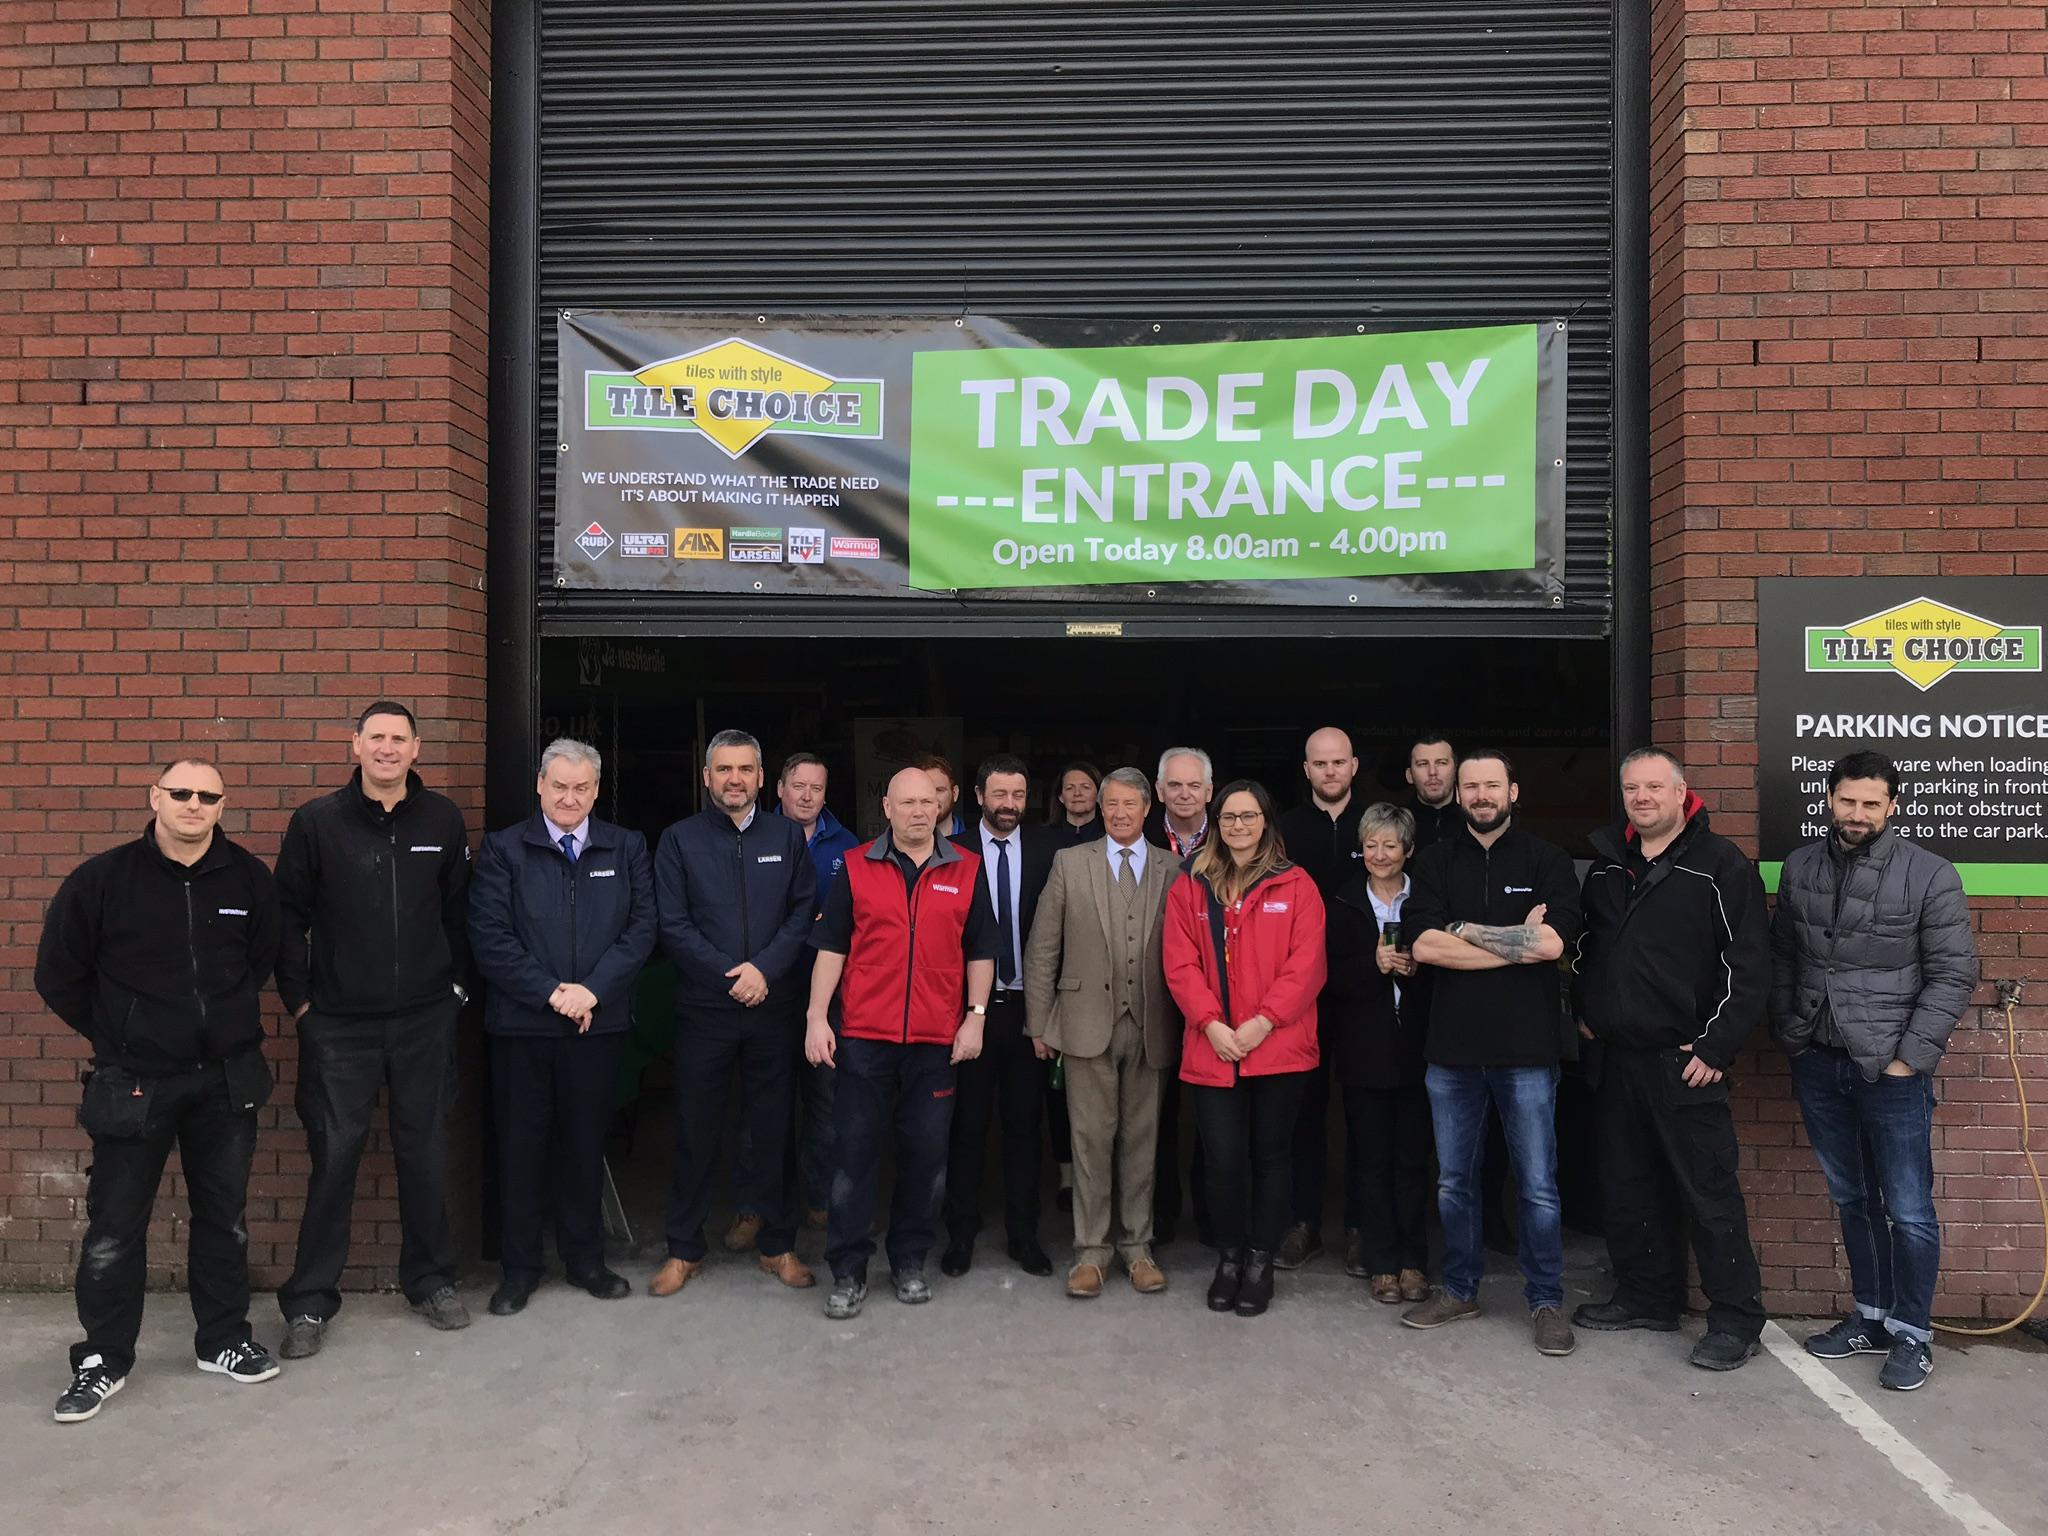 Tile Choice Trade Day